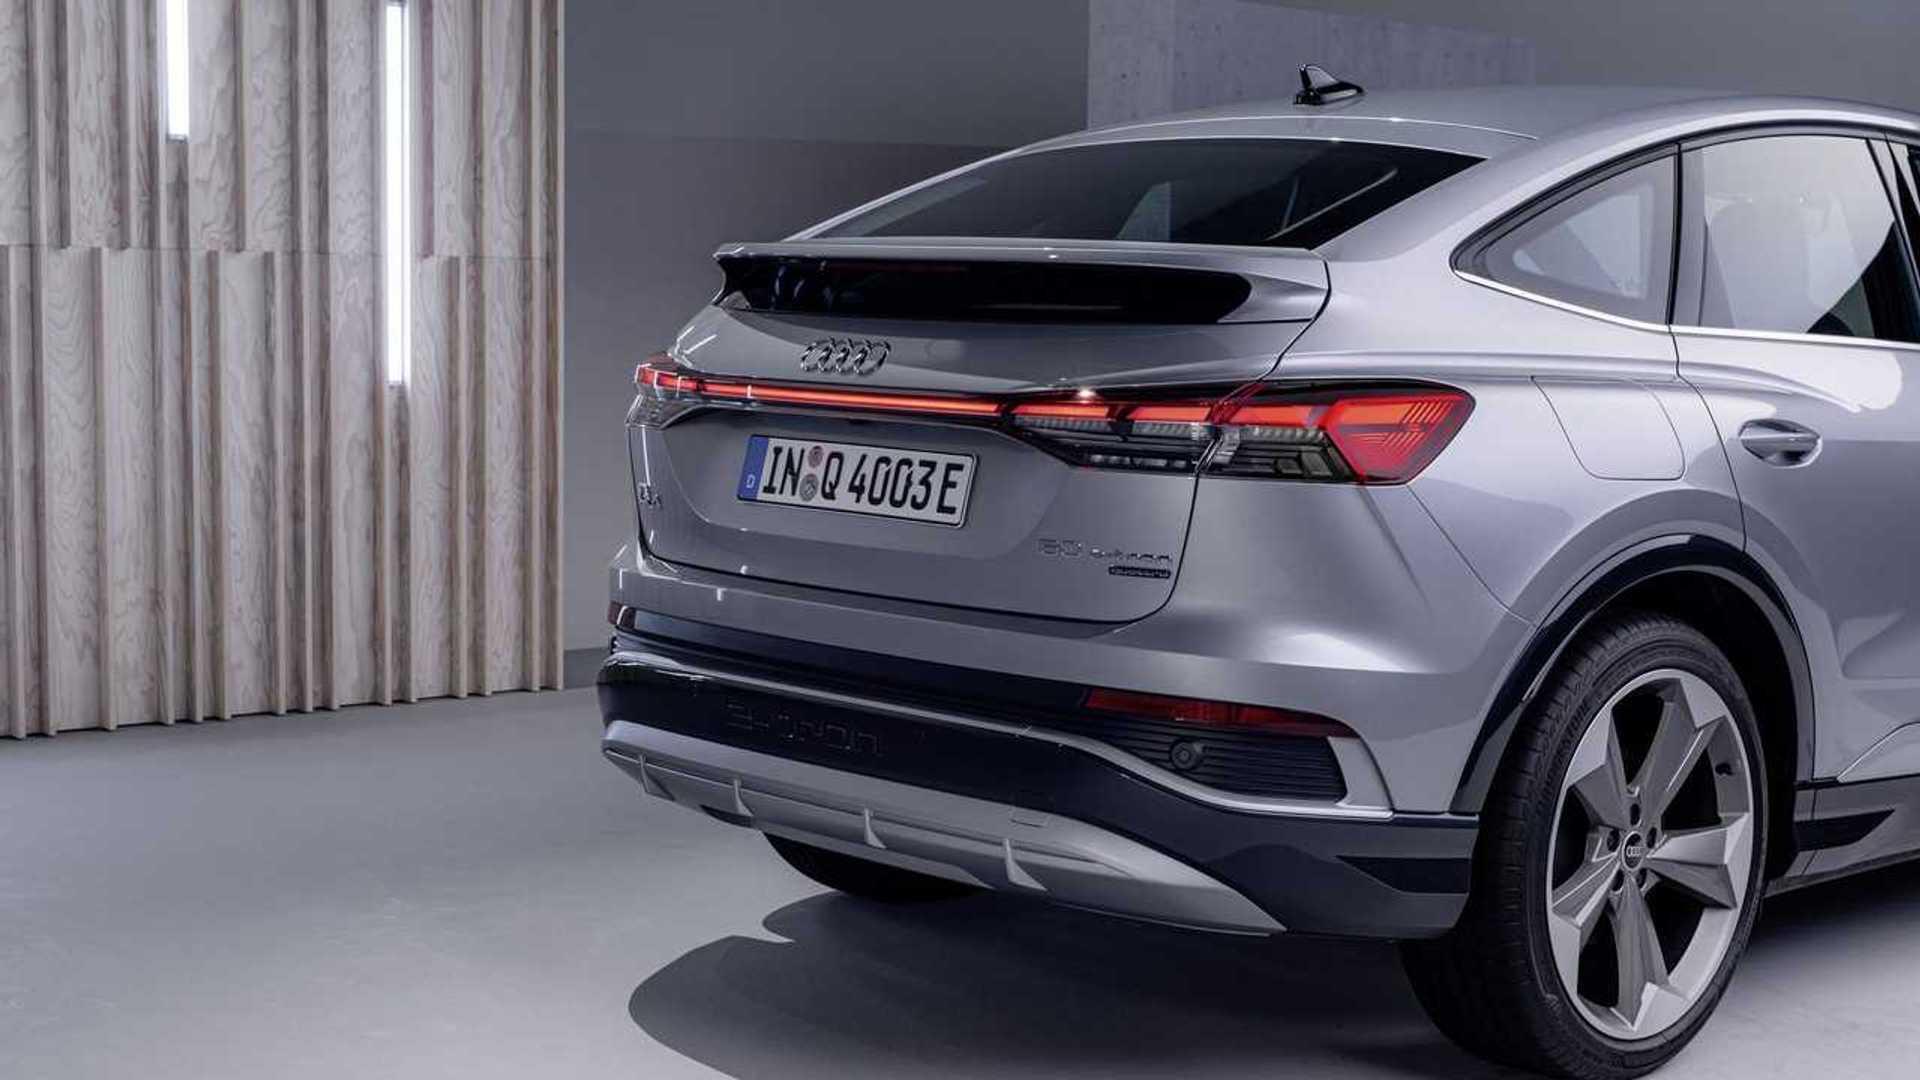 Официально: Audi прекратит производство машин с ДВС в 2032 году